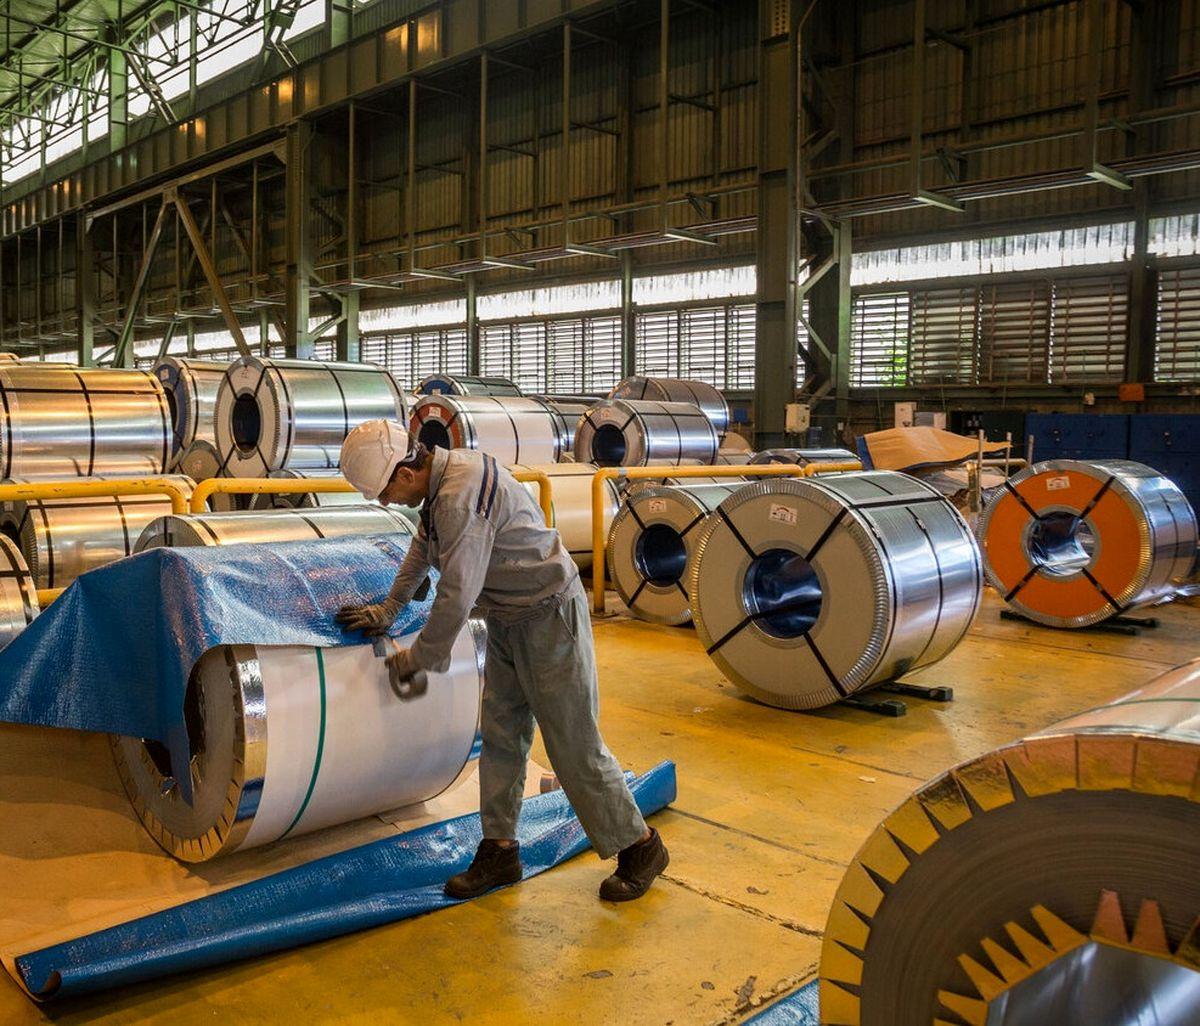 جذب ۱.۴میلیارد دلار کالای معدنی ایران توسط سه کشور